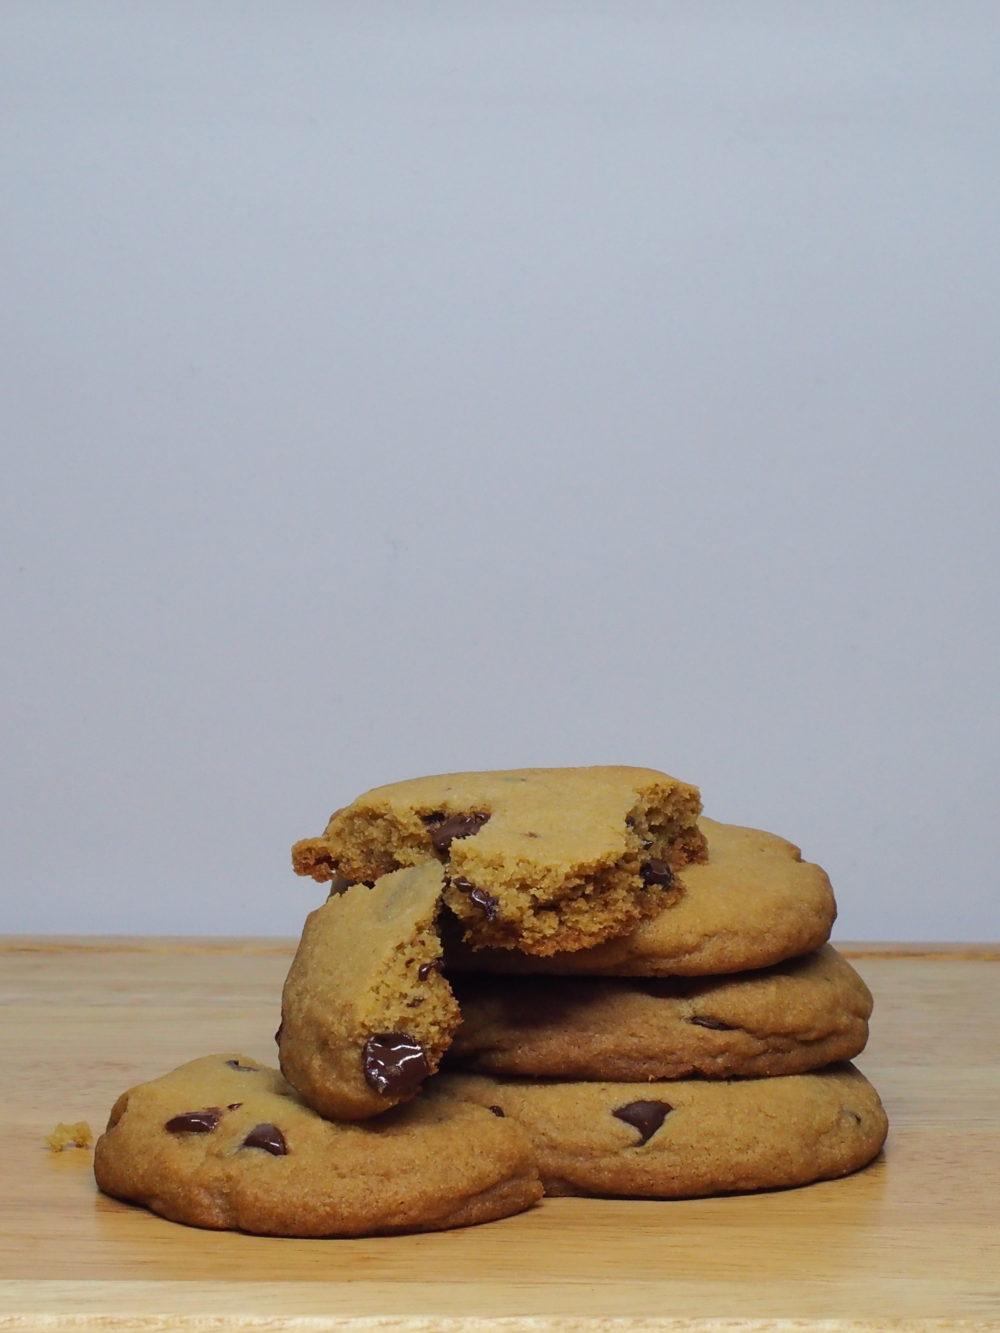 Chocolate Chip Cookies Broken